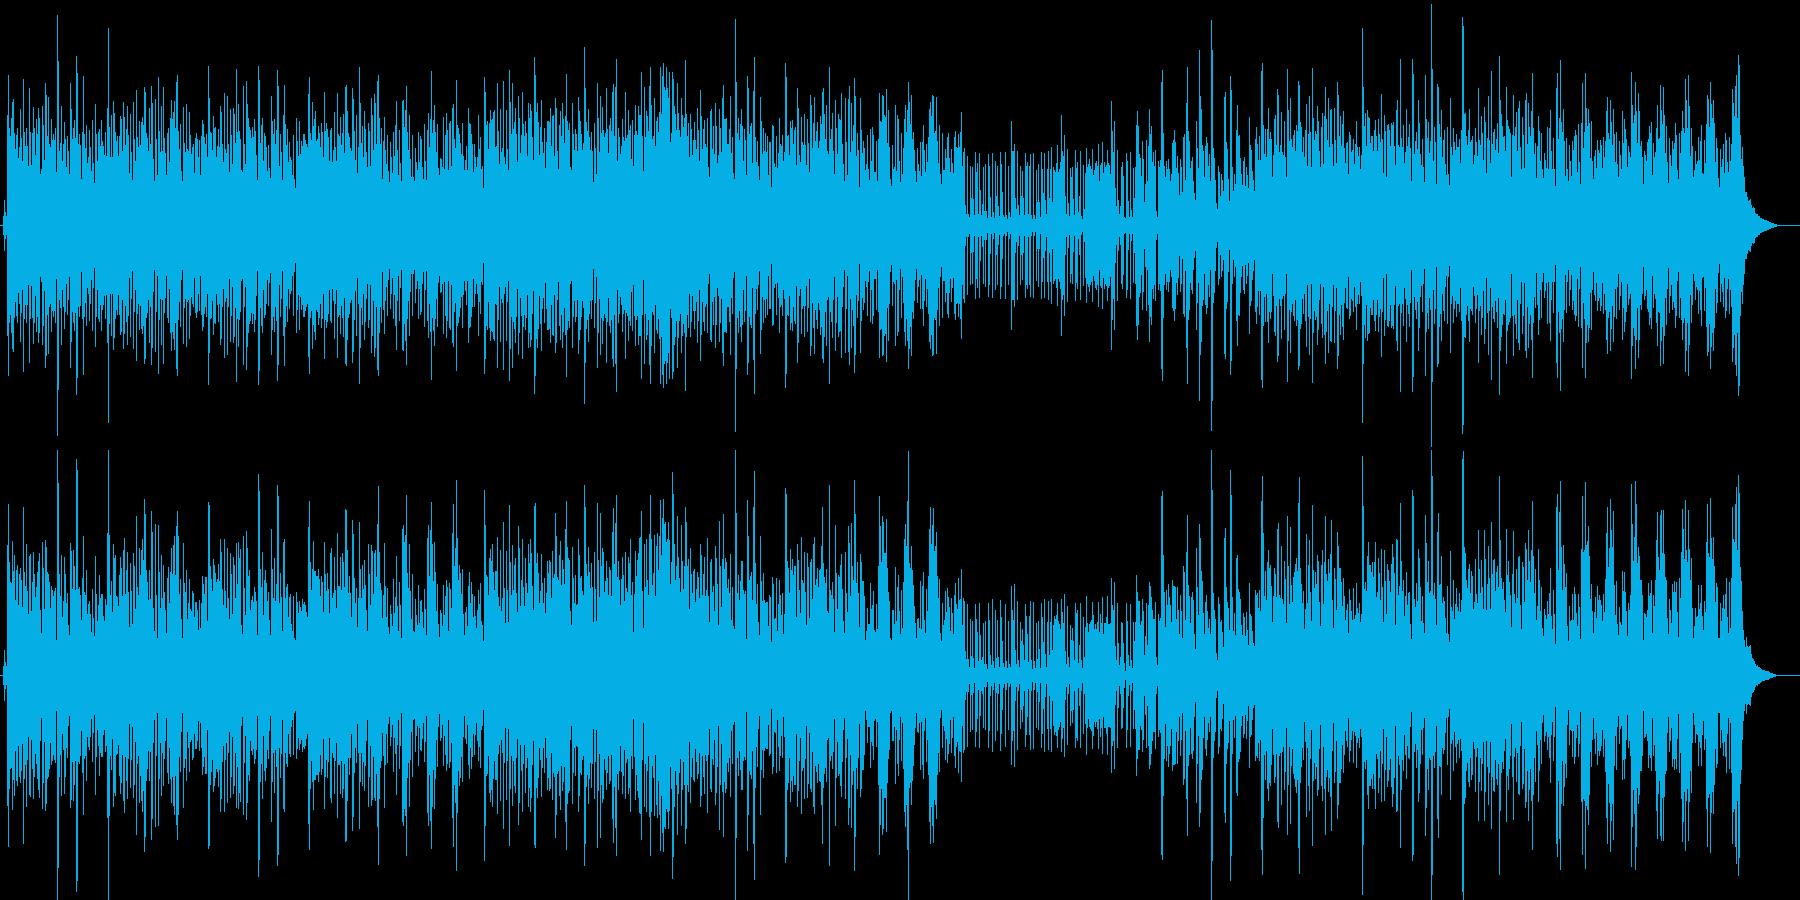 爽やかなコンガ入りピアノジャズマンボの再生済みの波形